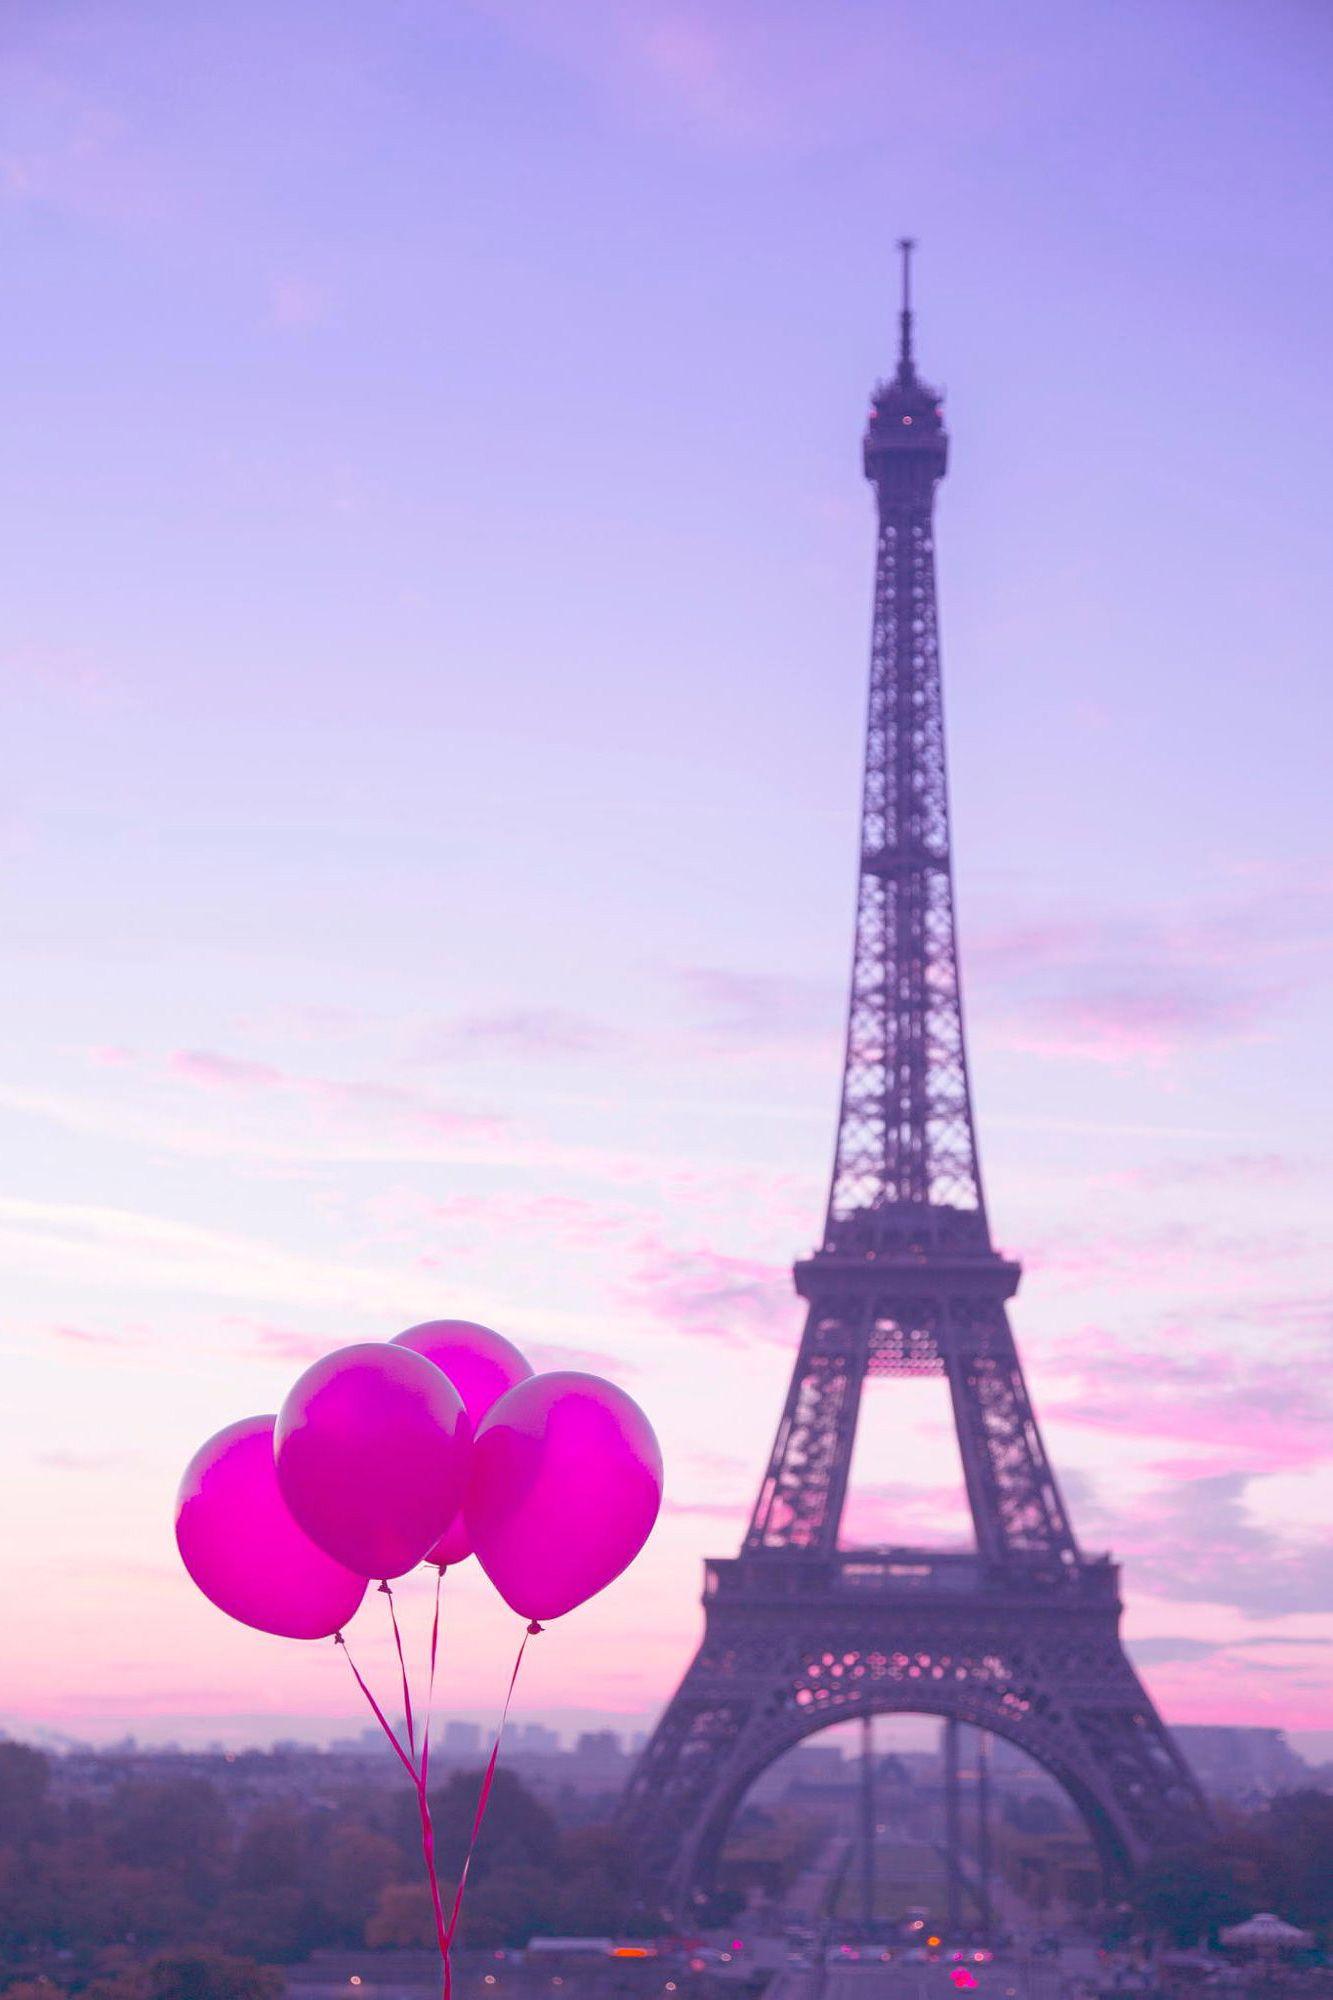 Pink Balloons In Paris